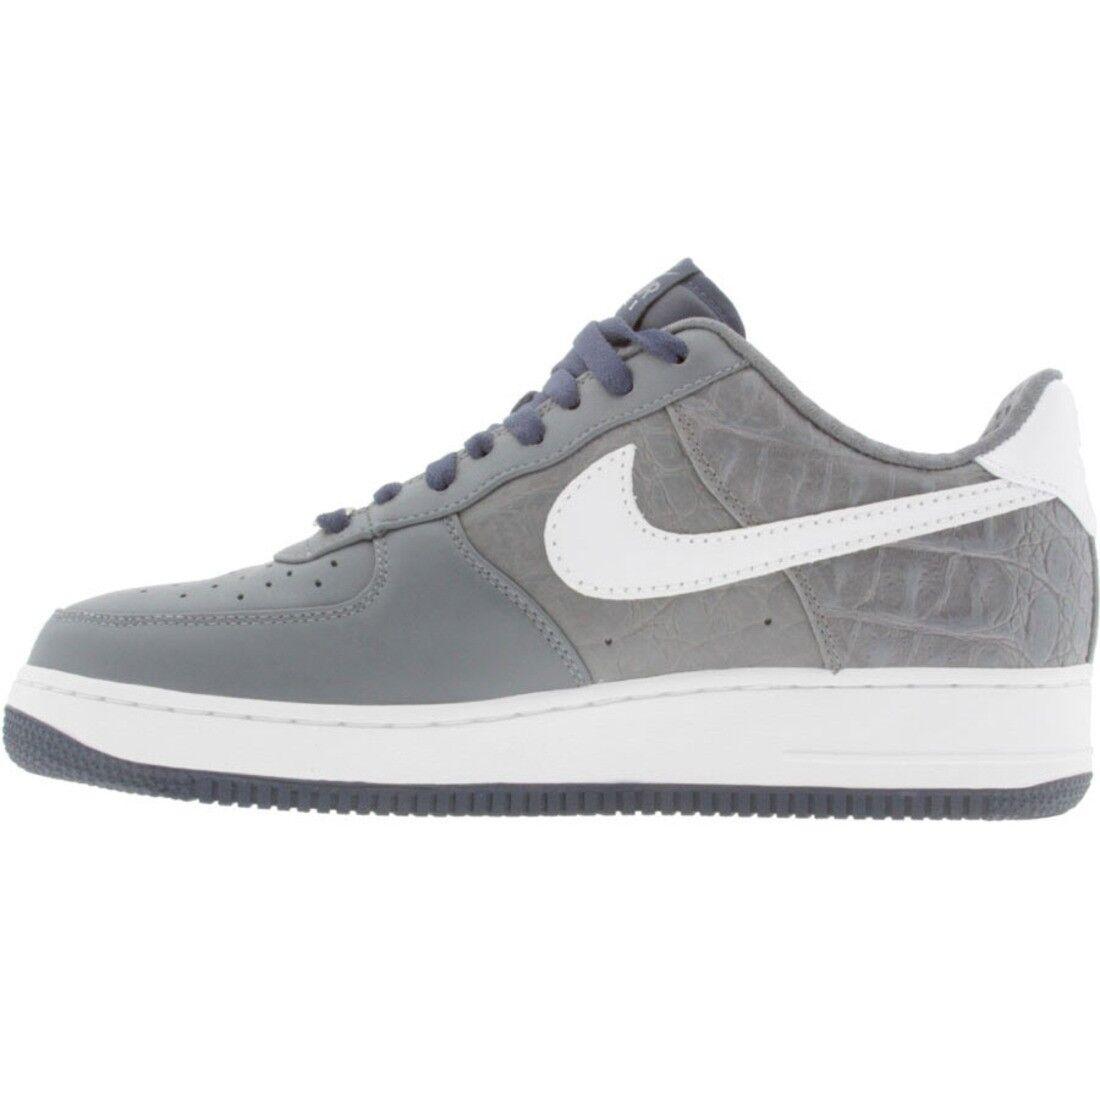 315180-011 Nike Air Obliger 1 07 faible Premium Flint  Gris  blanc Stealth